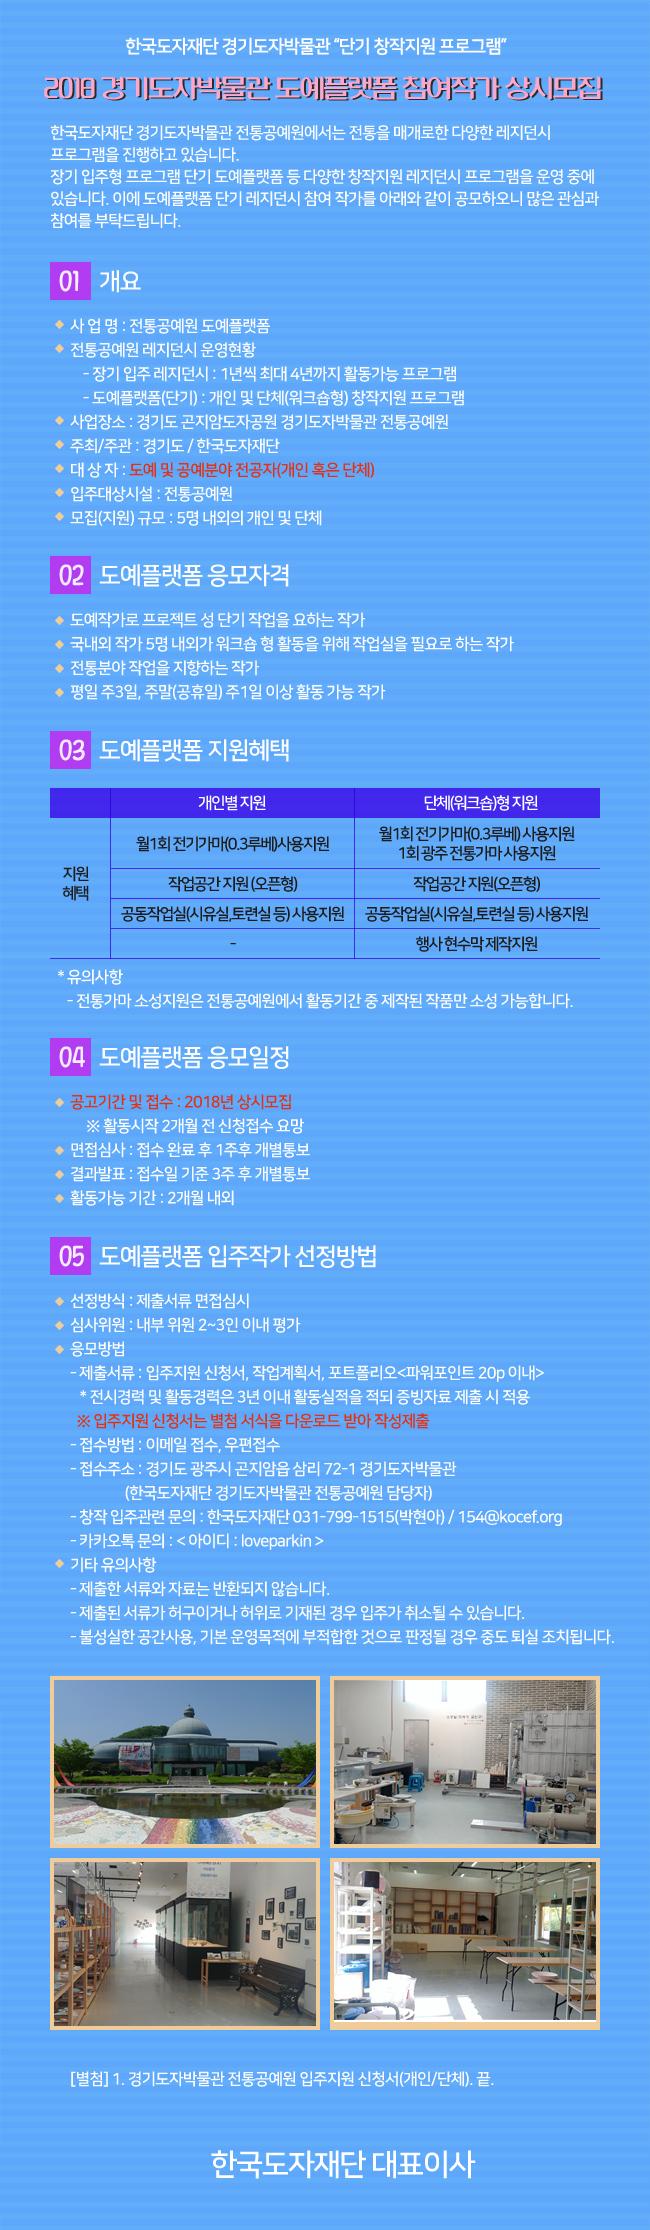 2018 경기도자박물관 도예플랫폼 참여작가 상시모집